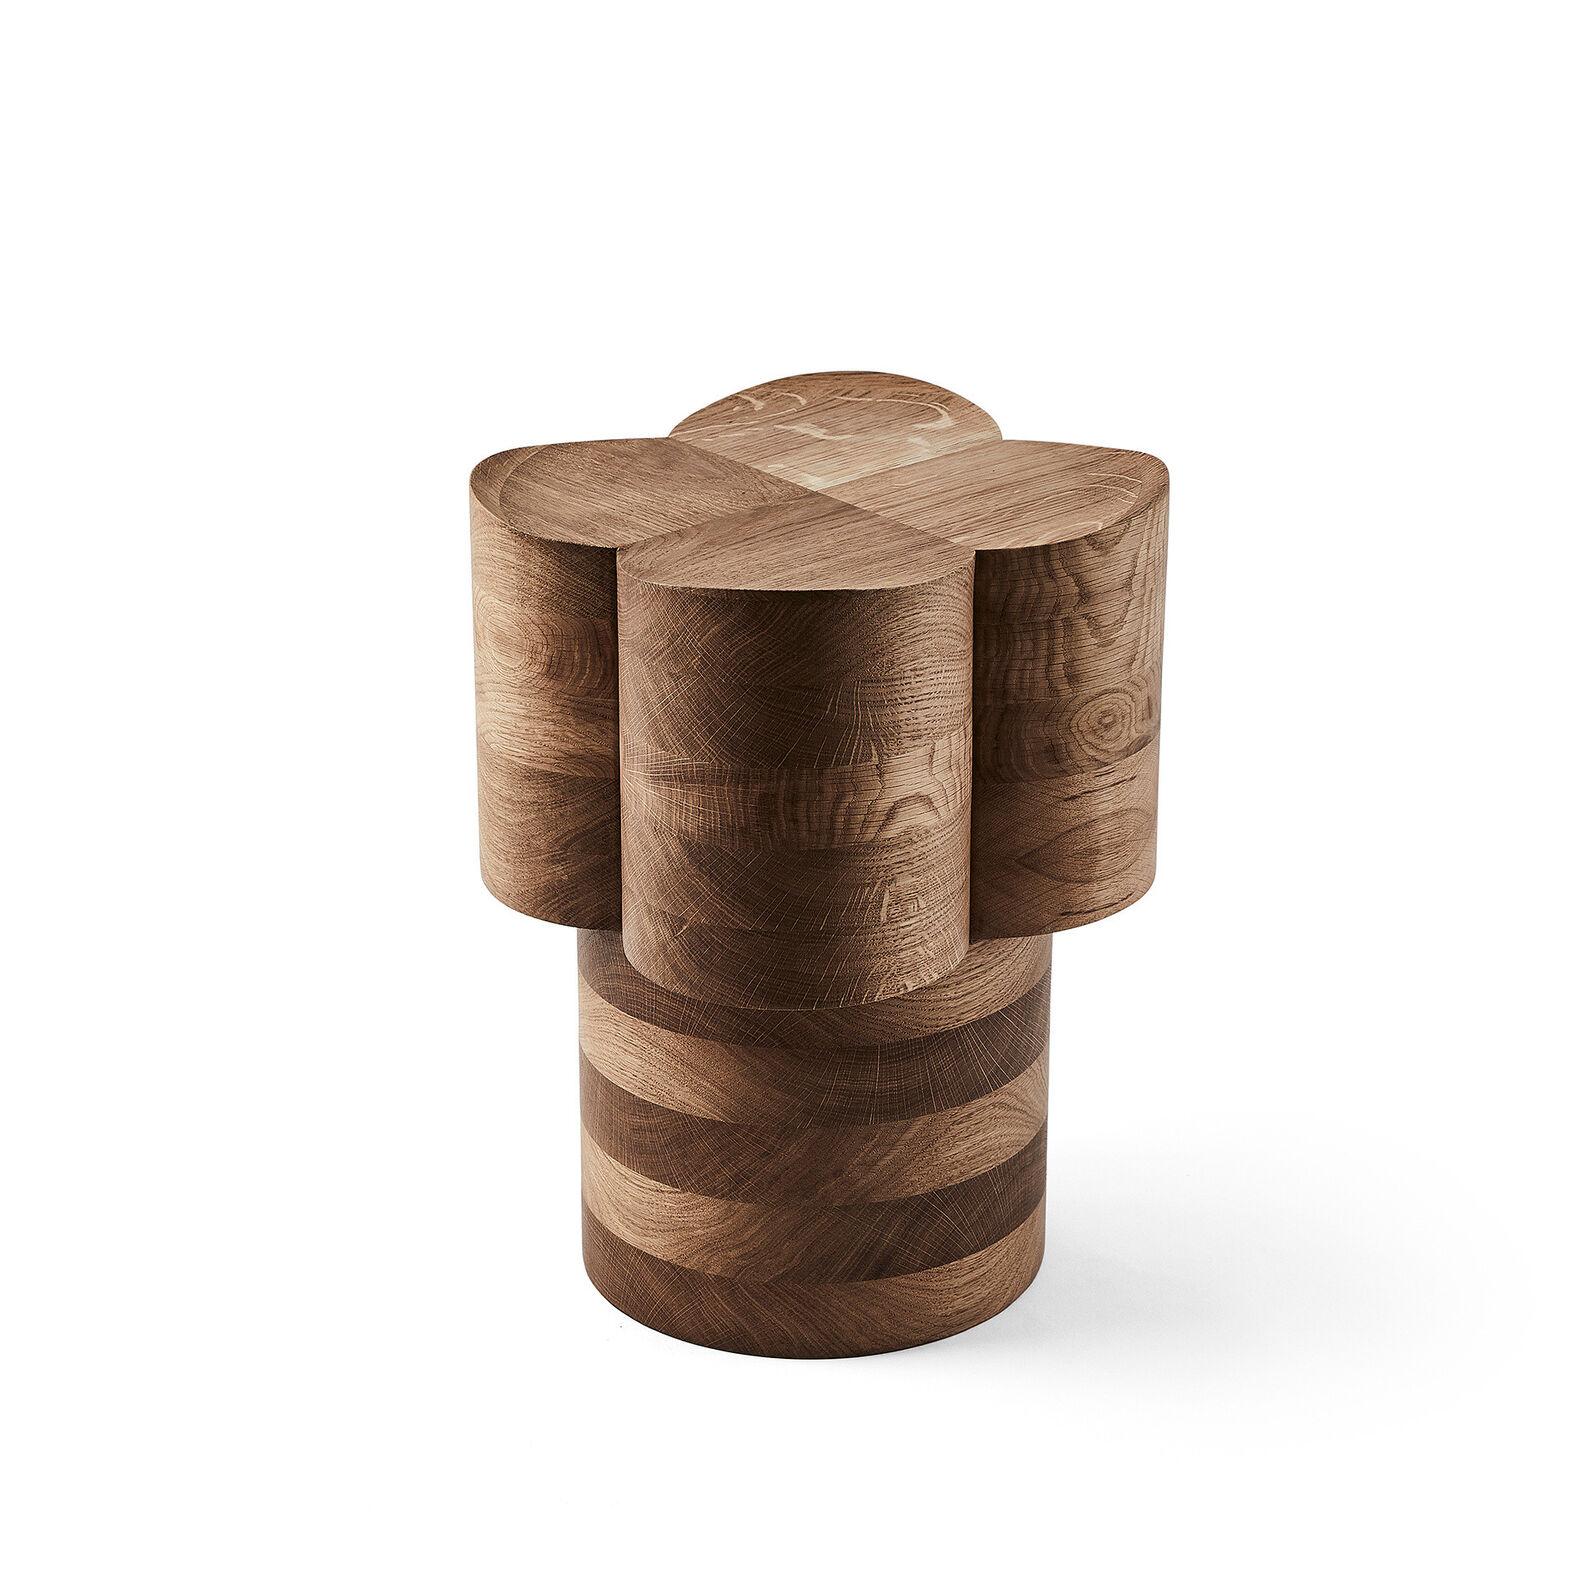 Sgabello in legno di rovere by Agustina Bottoni